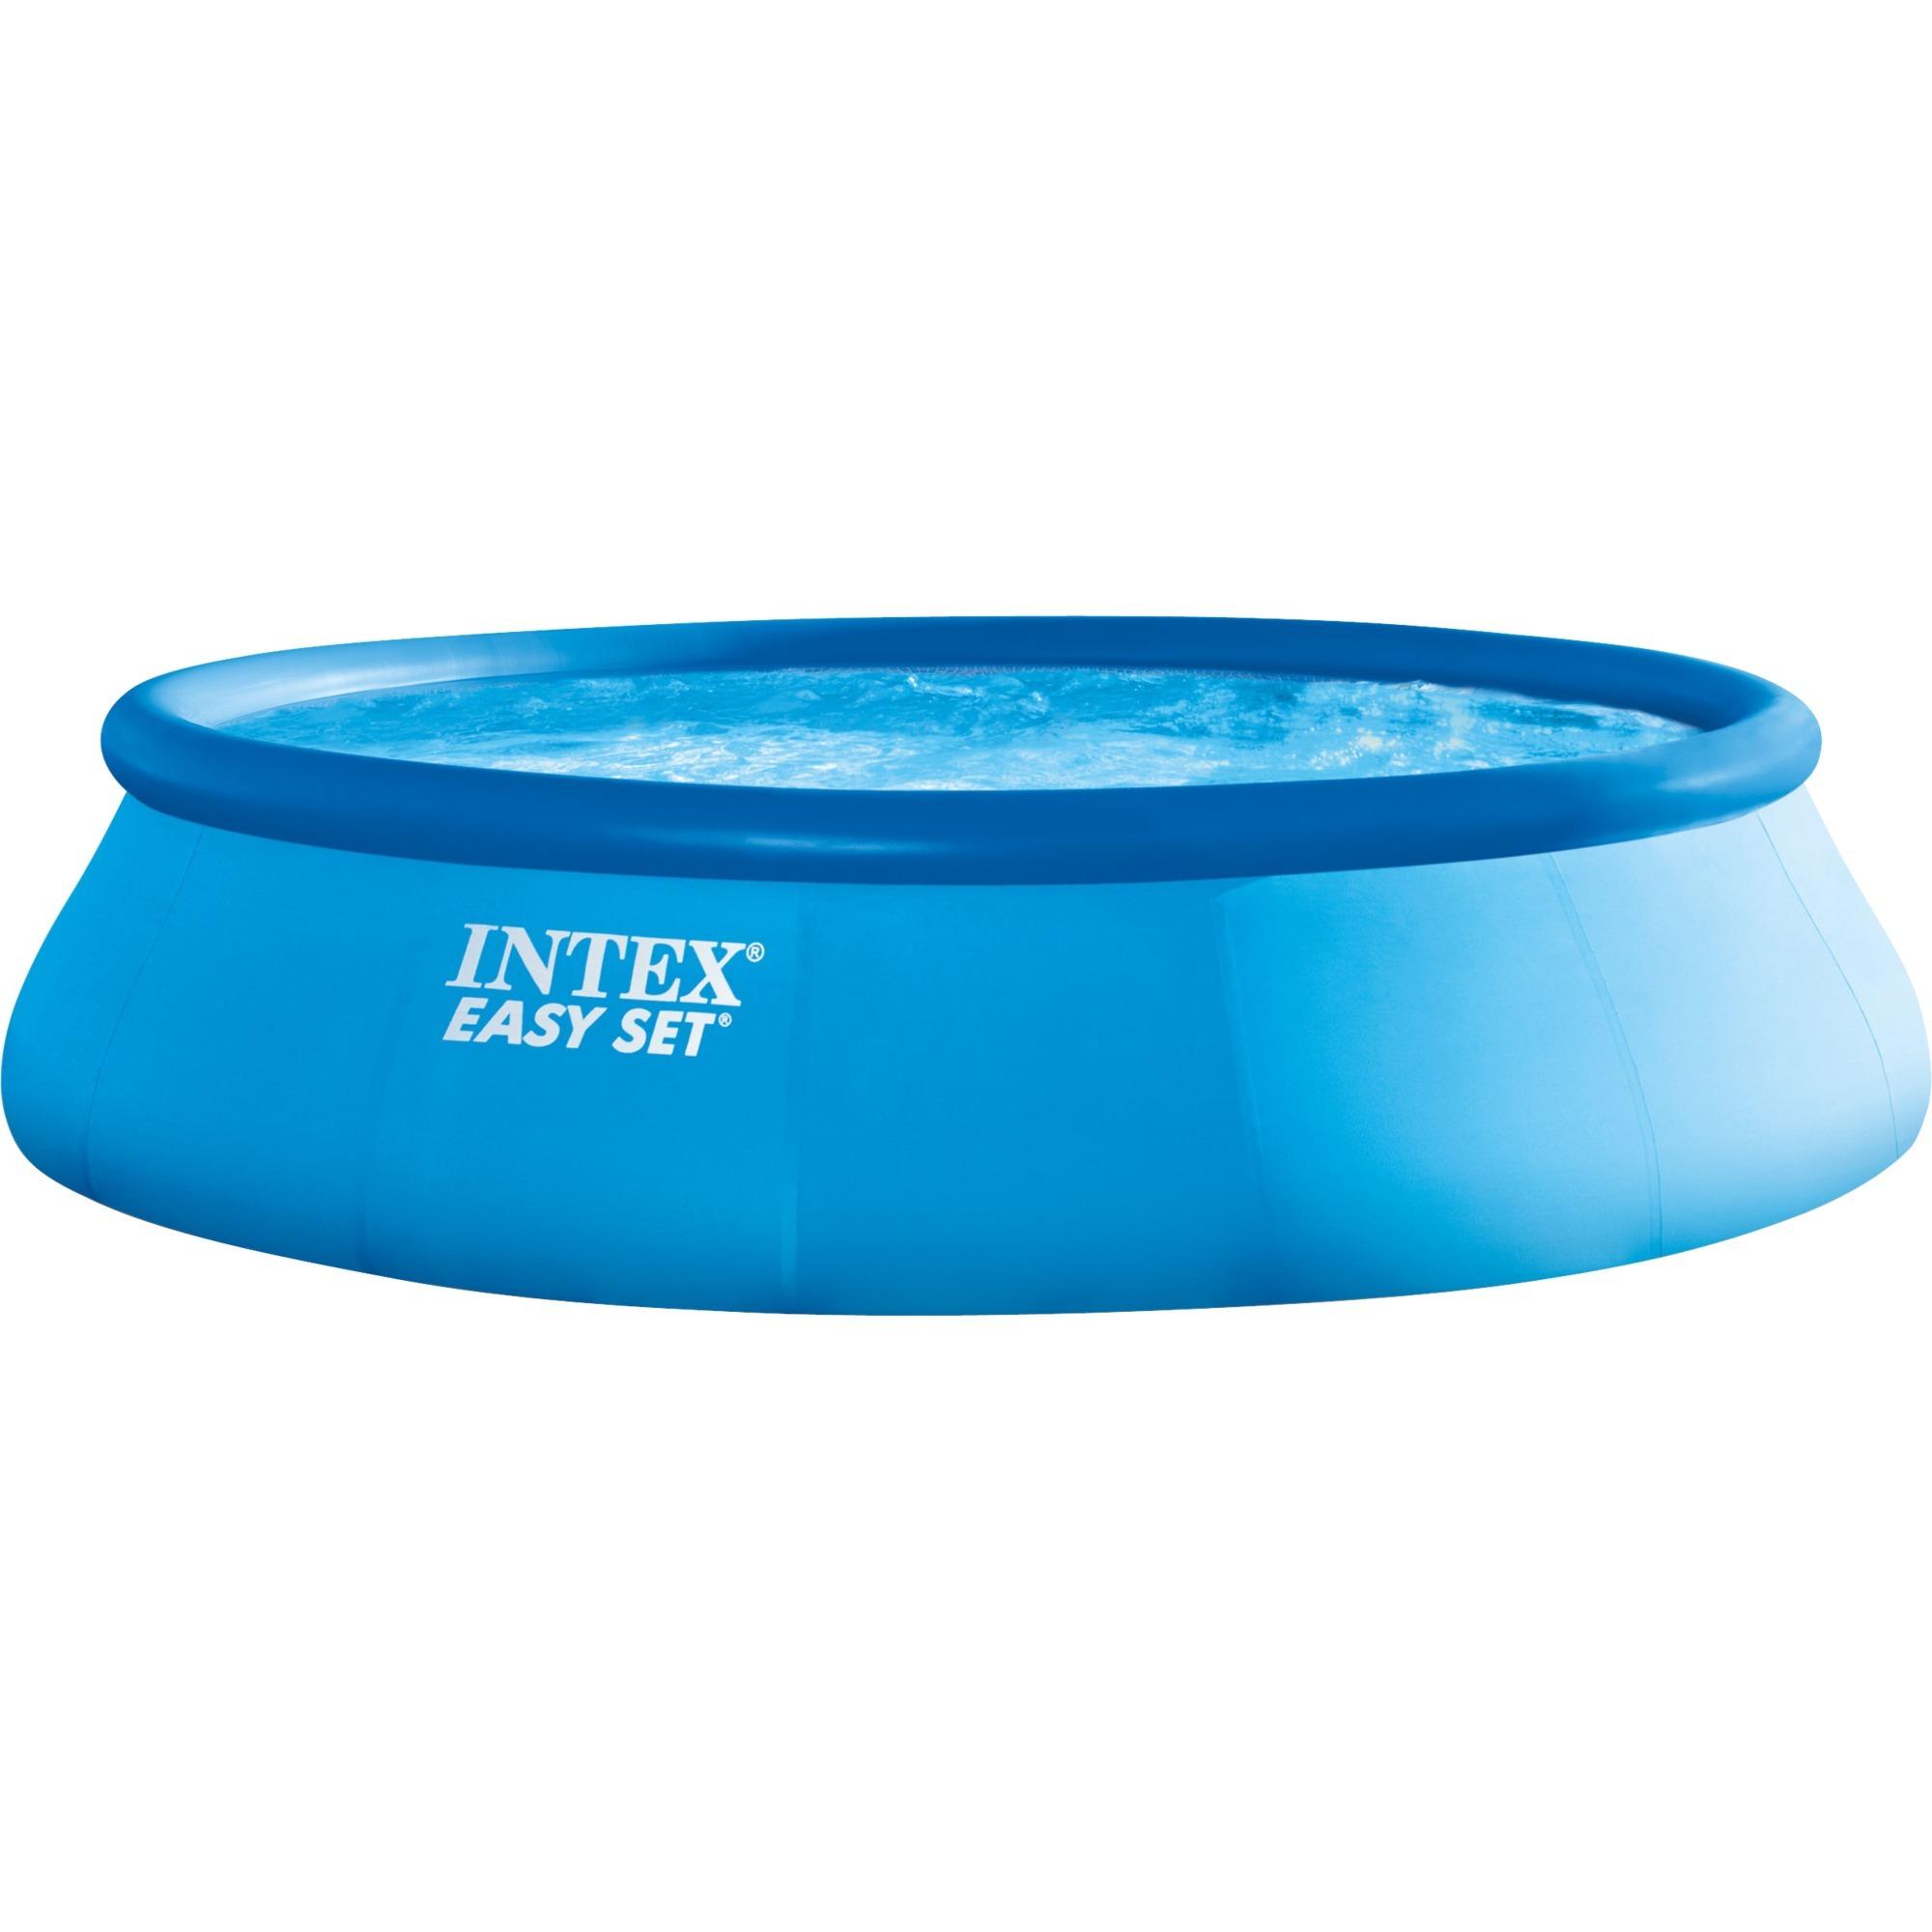 Ø 457cm Intex Abdeckplane Easy Set Pools dunkelblau